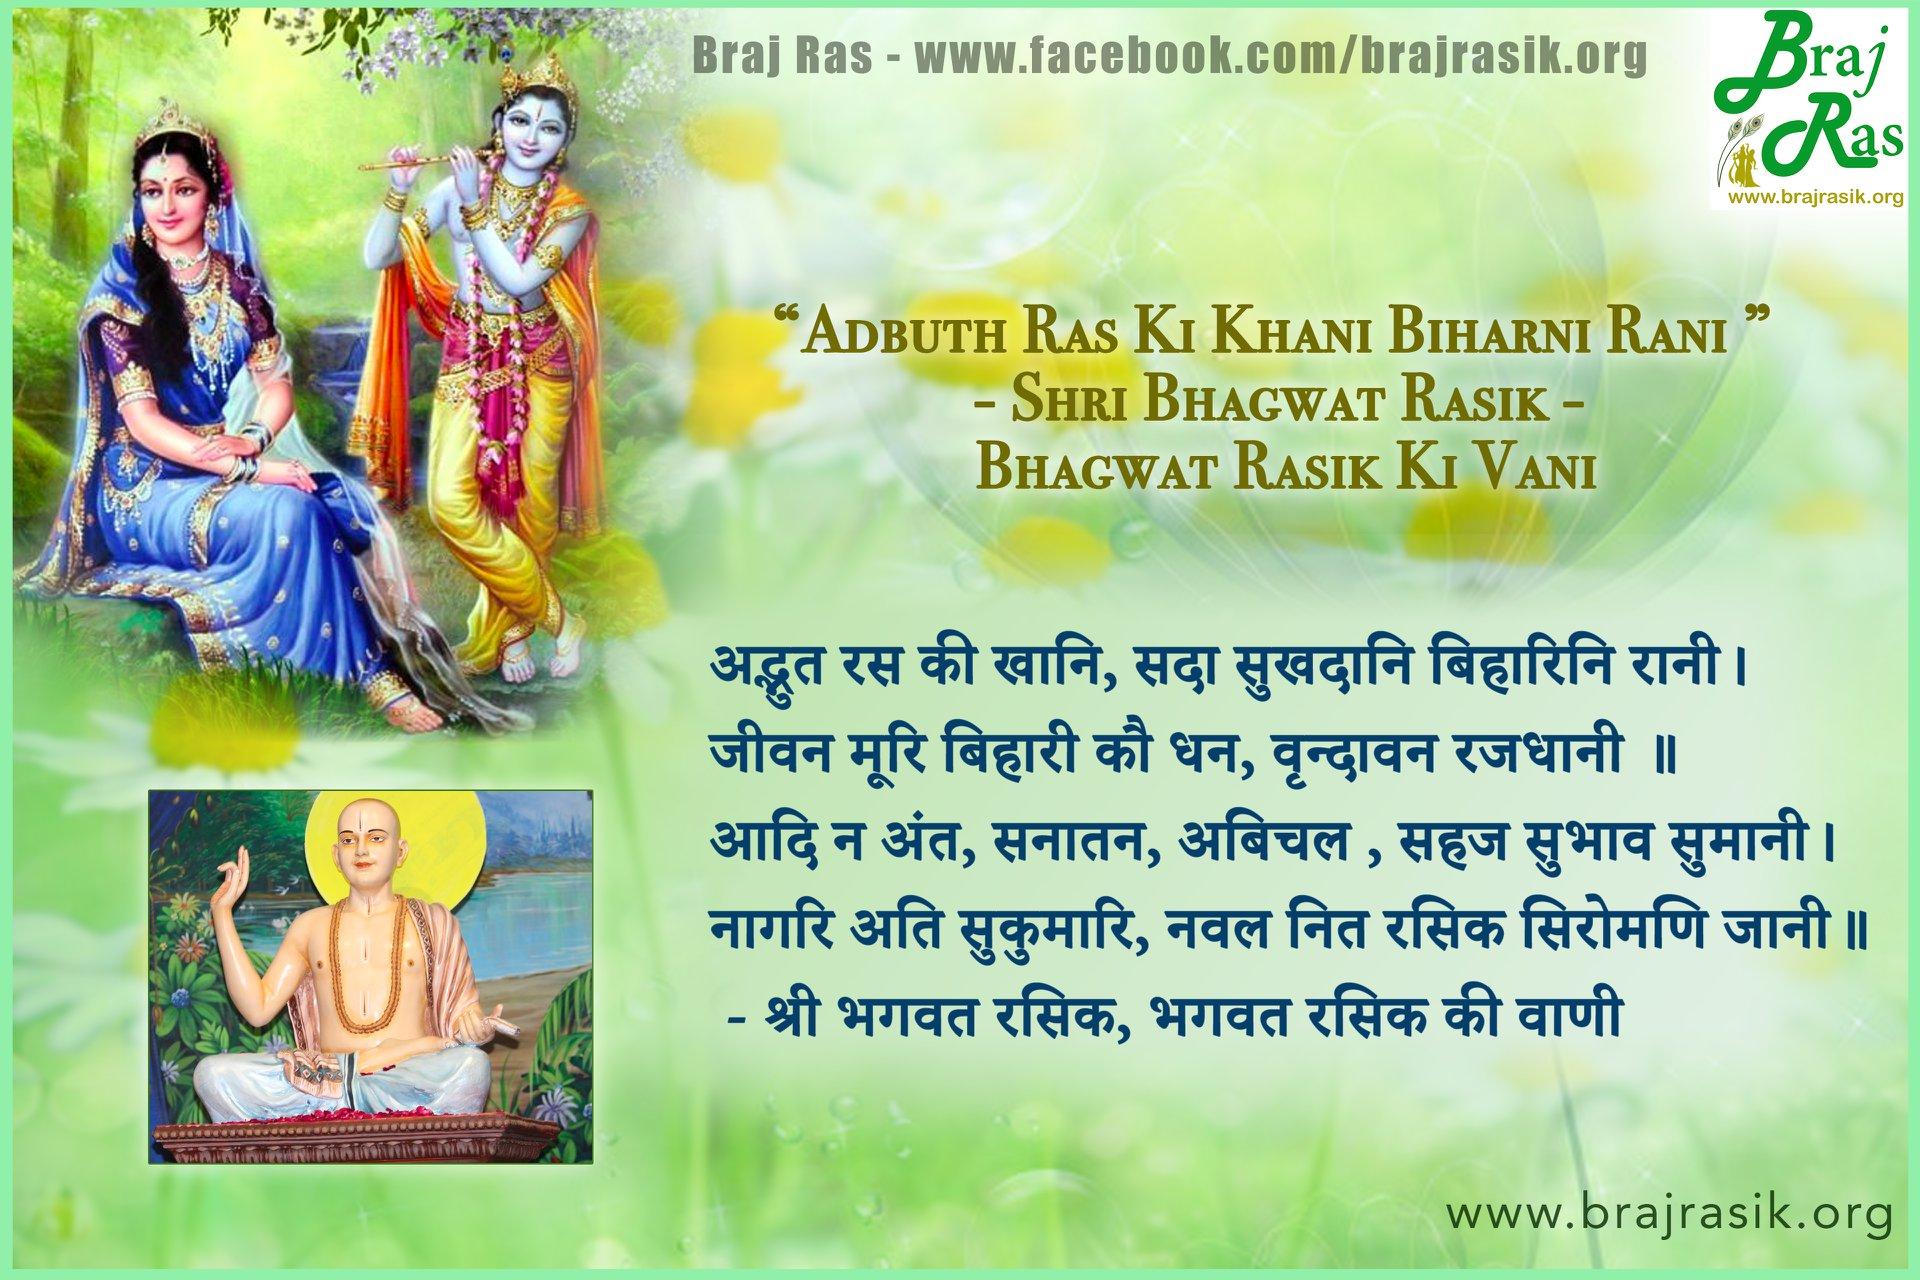 Adbhuth Ras Ki Khani, Sada Sukhdani Biharini Rani - Shri Bhagwat Rasik